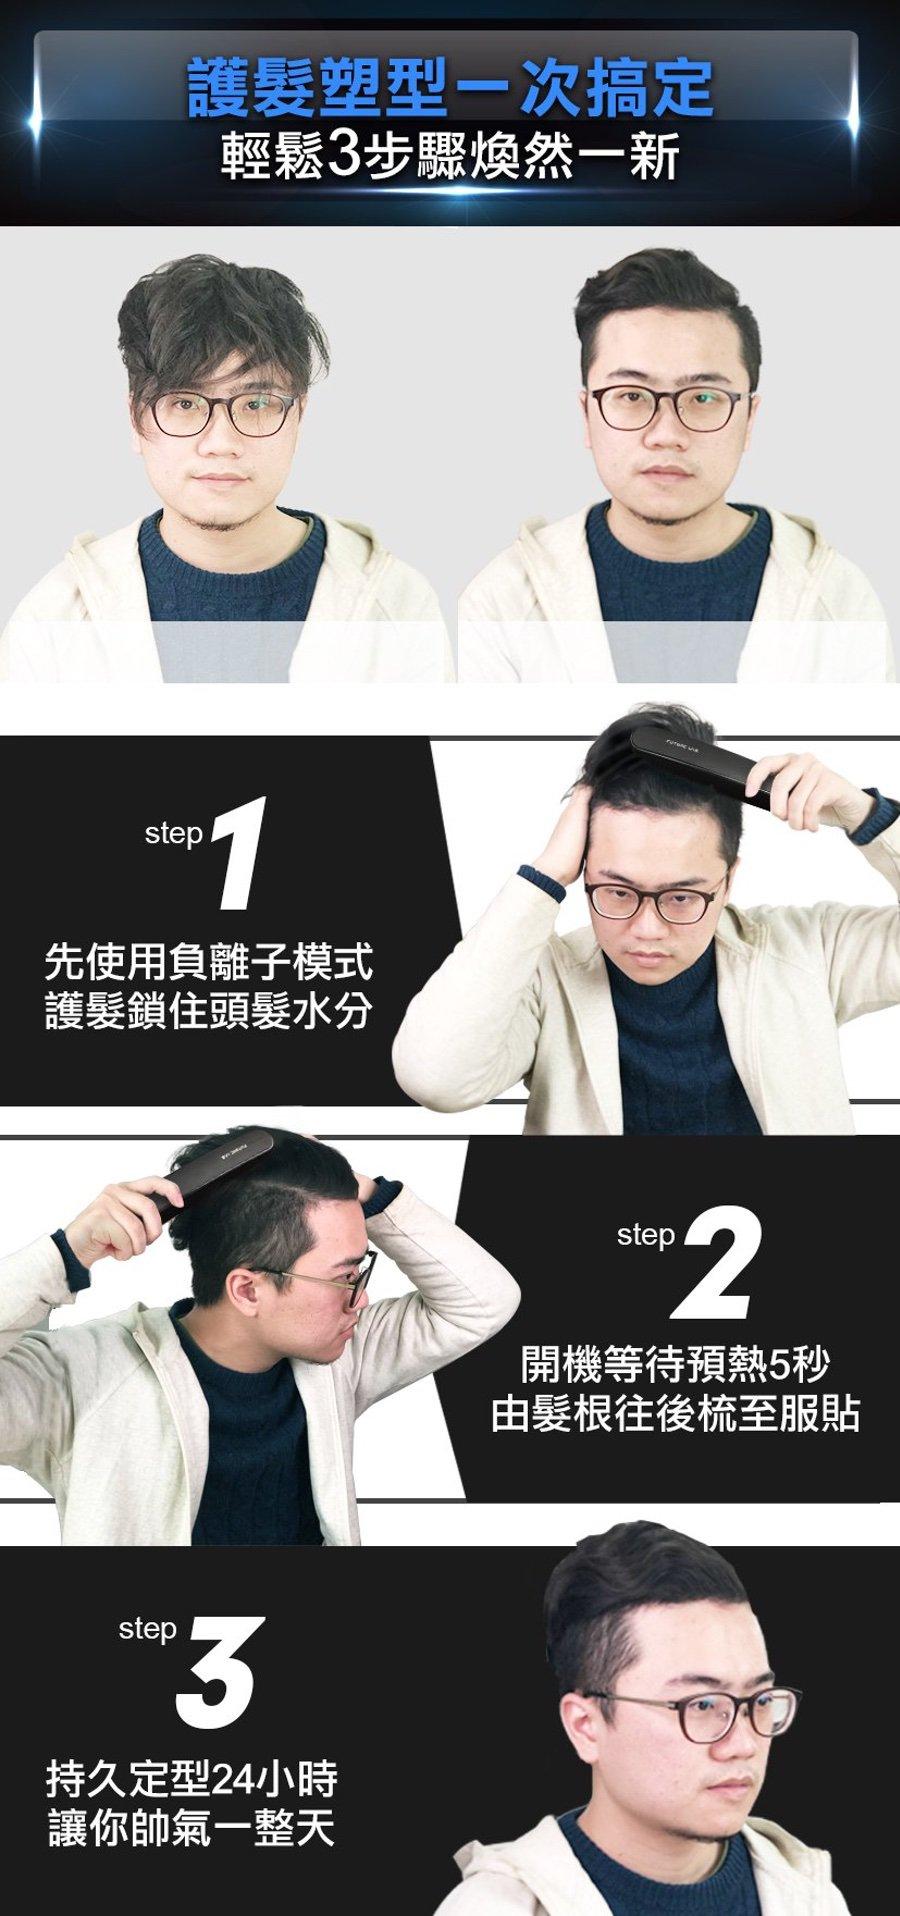 台灣 Future Lab 未來實驗室 Nion 負離子燙髮梳